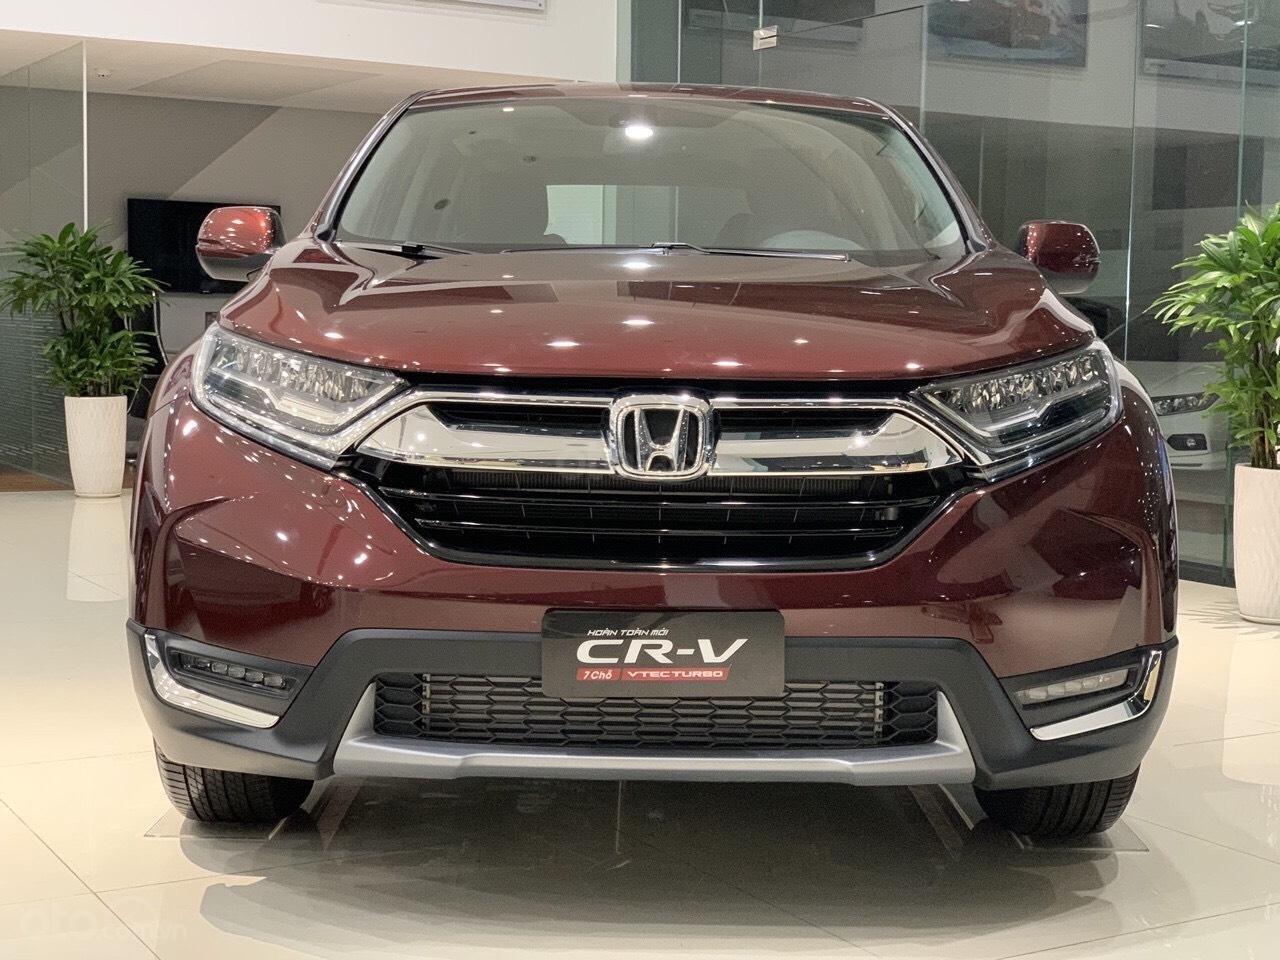 Honda Crv 2019 nhập khẩu từ Thái Lan ưu đãi cực khủng (5)